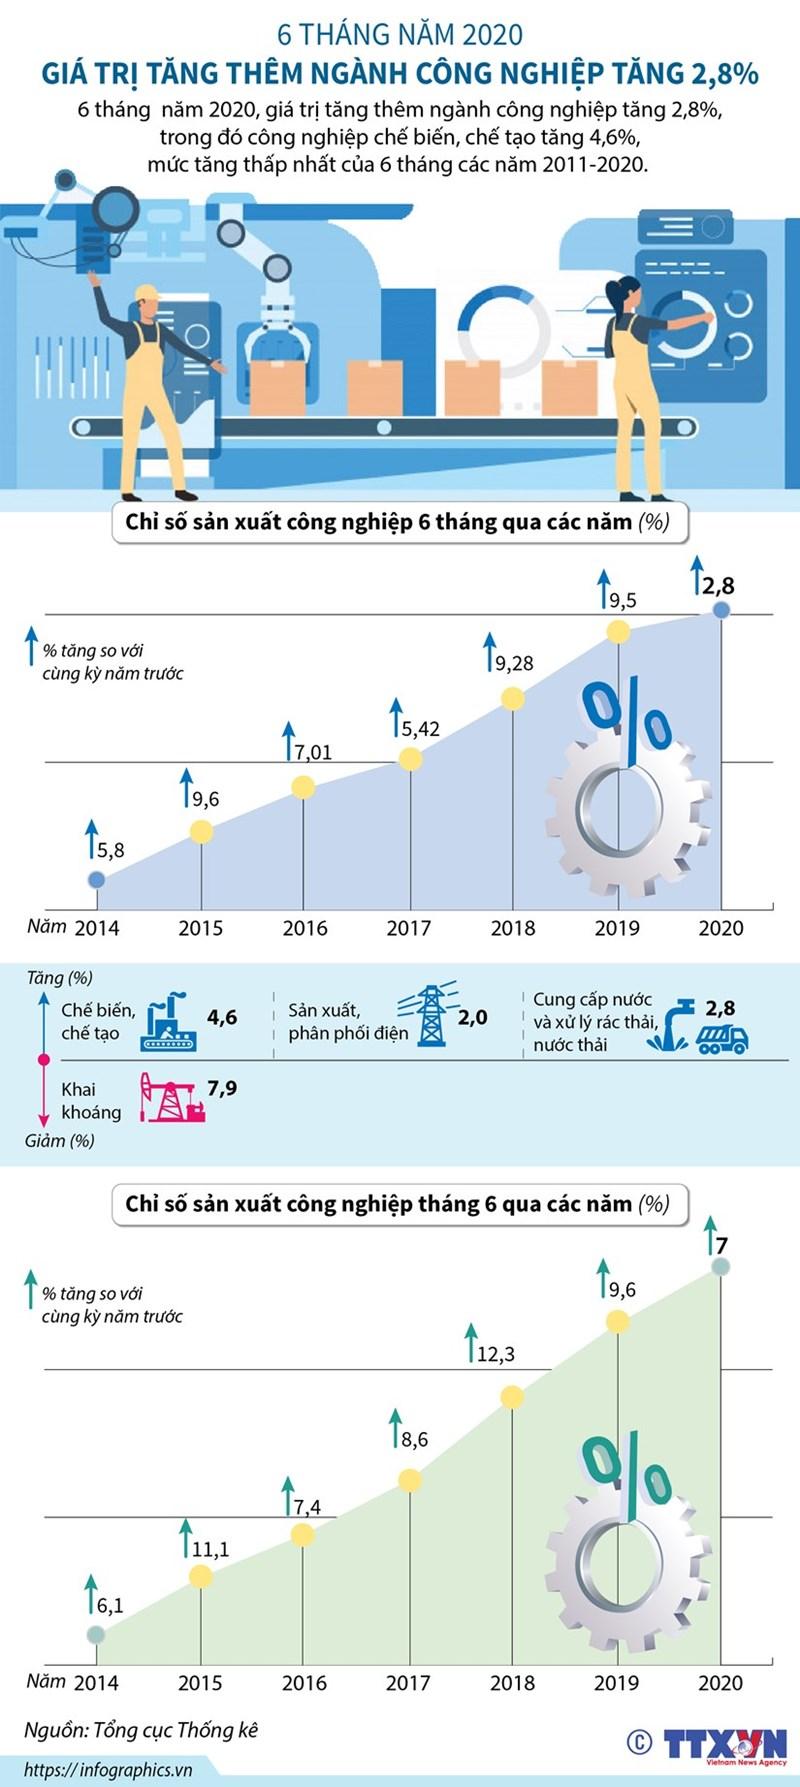 [Infographics] Giá trị tăng thêm ngành công nghiệp tăng 2,8% - Ảnh 1